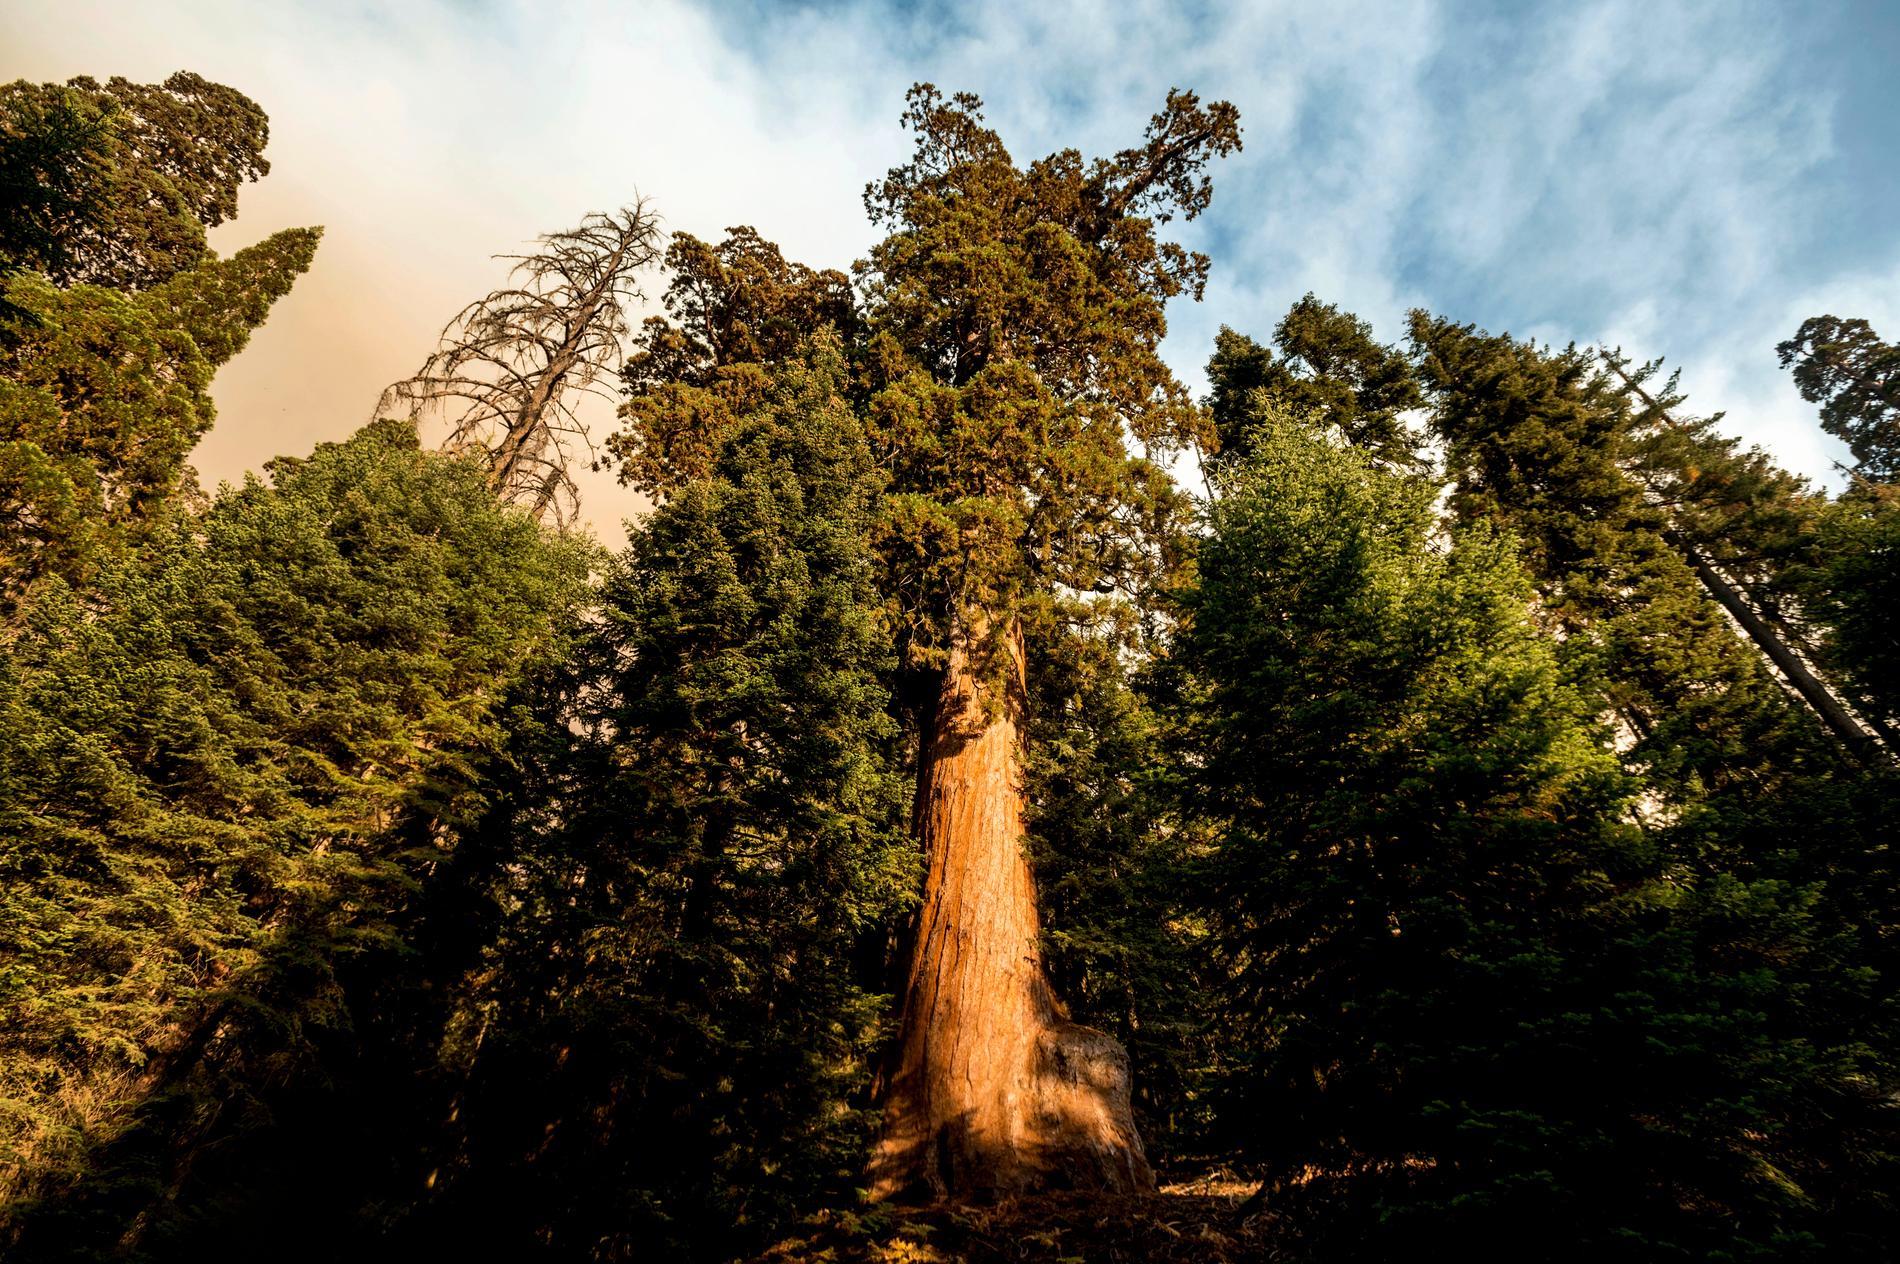 Brandrök nära ett jättelikt redwoodträd i nationalparken Sequoia National Forest i Kalifornien.